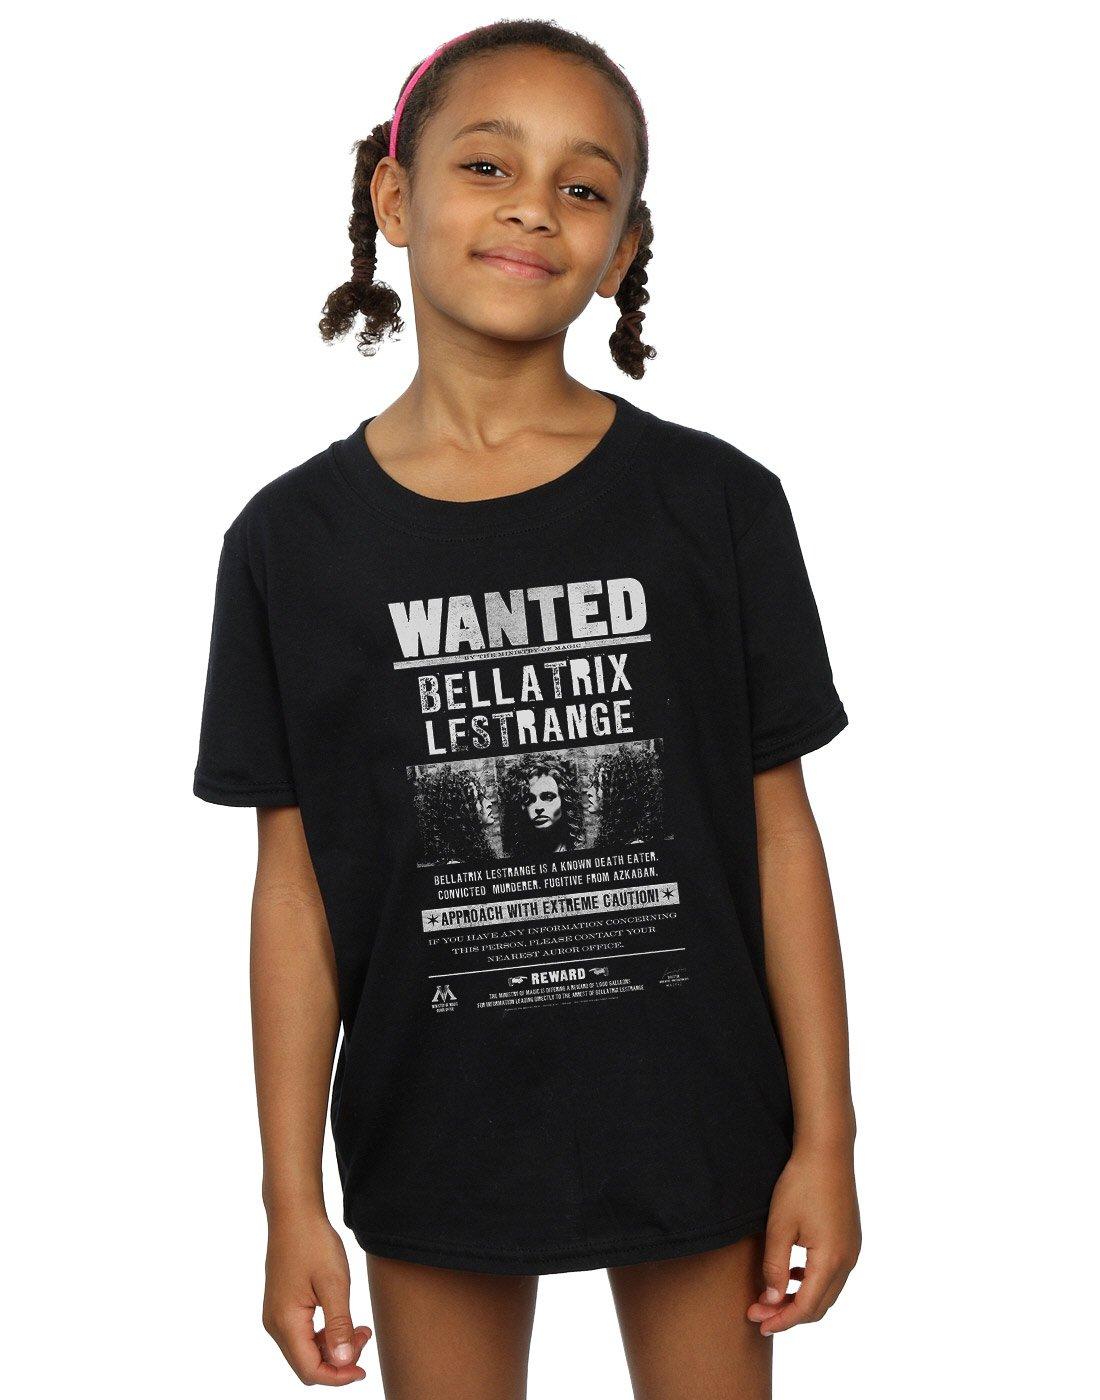 Harry Potter Bambine e Ragazze Bellatrix Lestrange Wanted Maglietta Absolute Cult